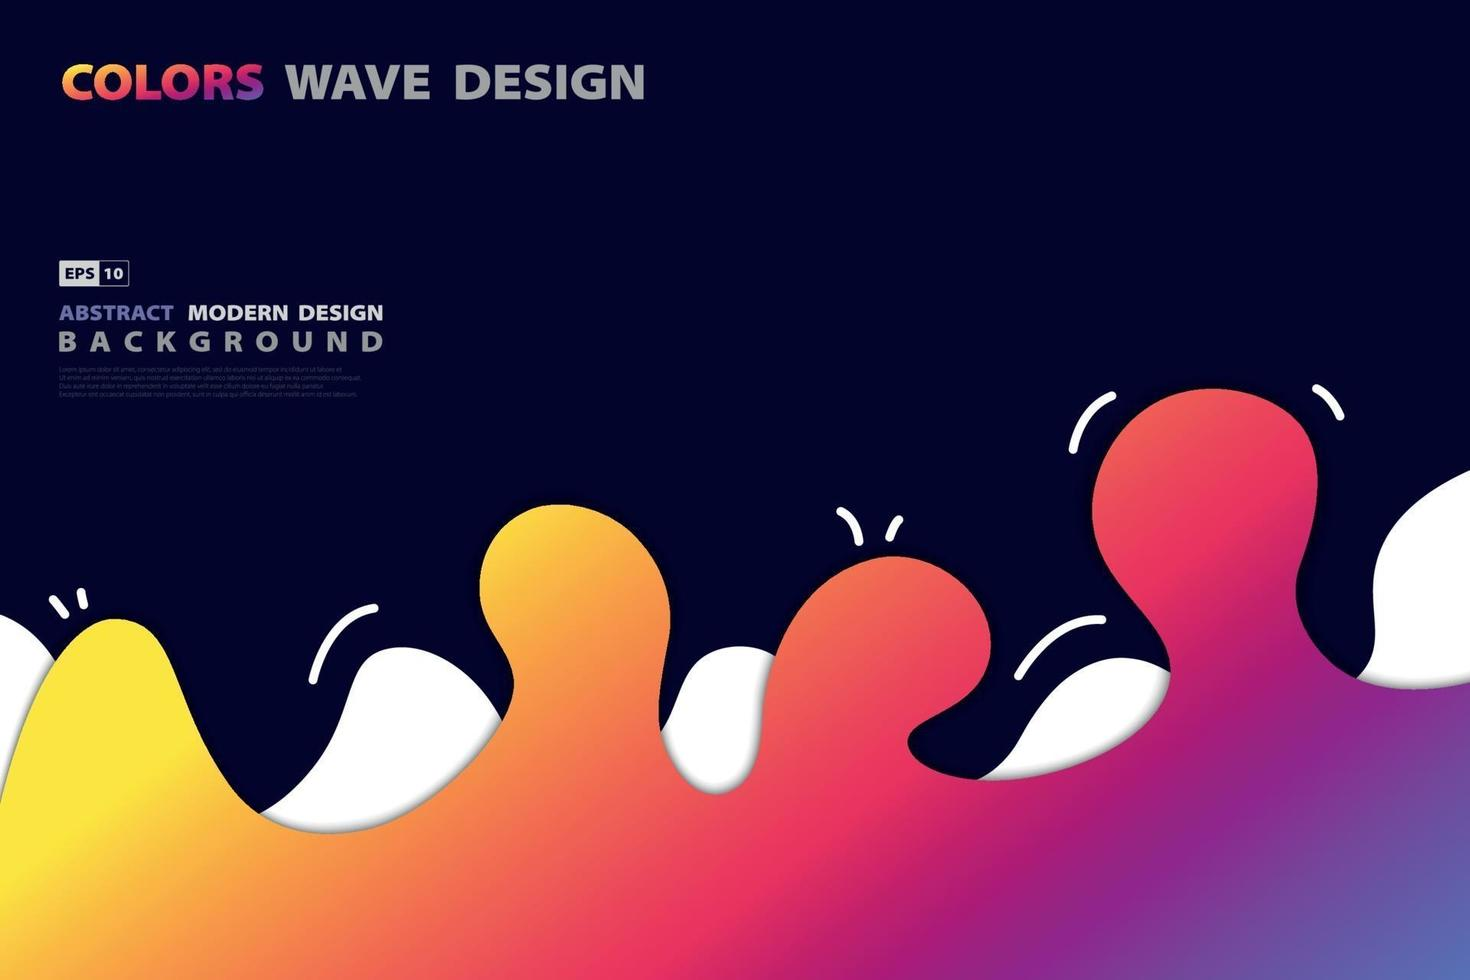 diseño ondulado del arco iris colorido abstracto de fondo decorativo mínimo. vector de ilustración